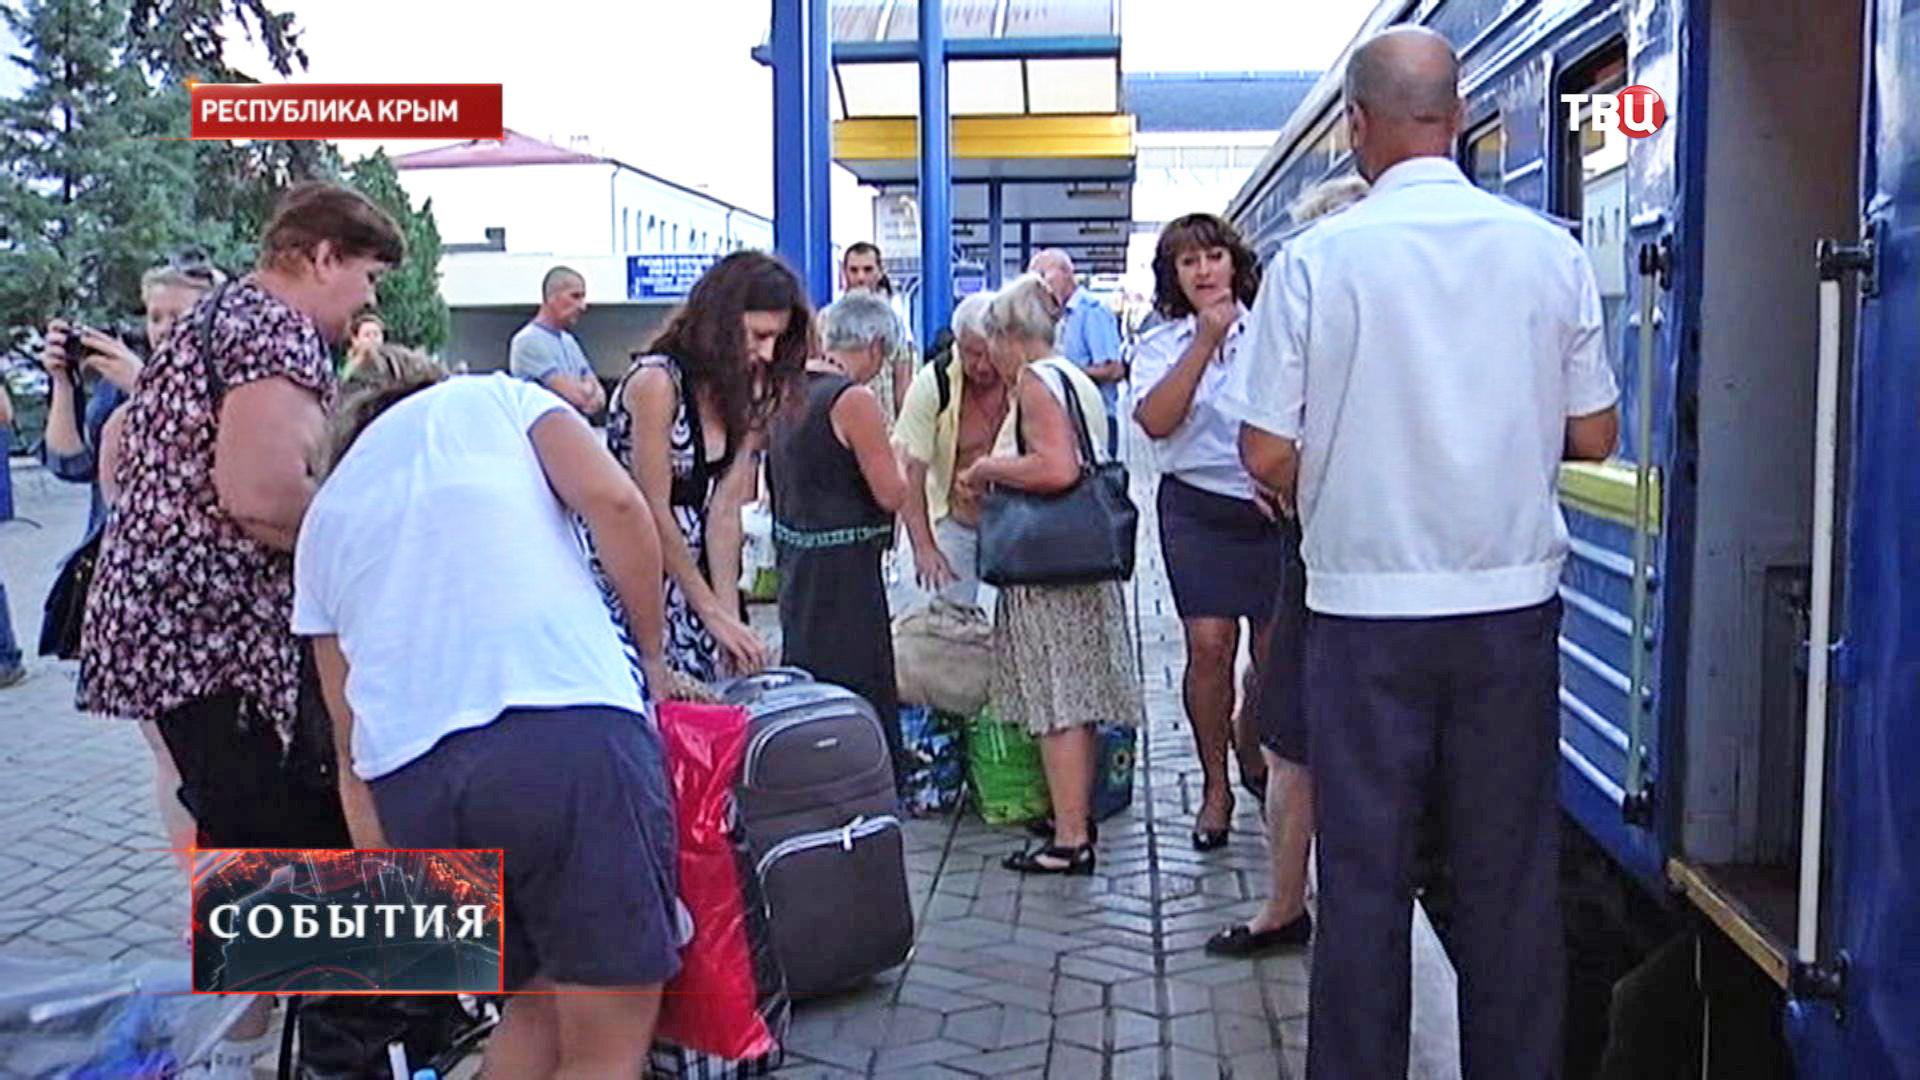 Пассажиры поезда Симферополь-Москва